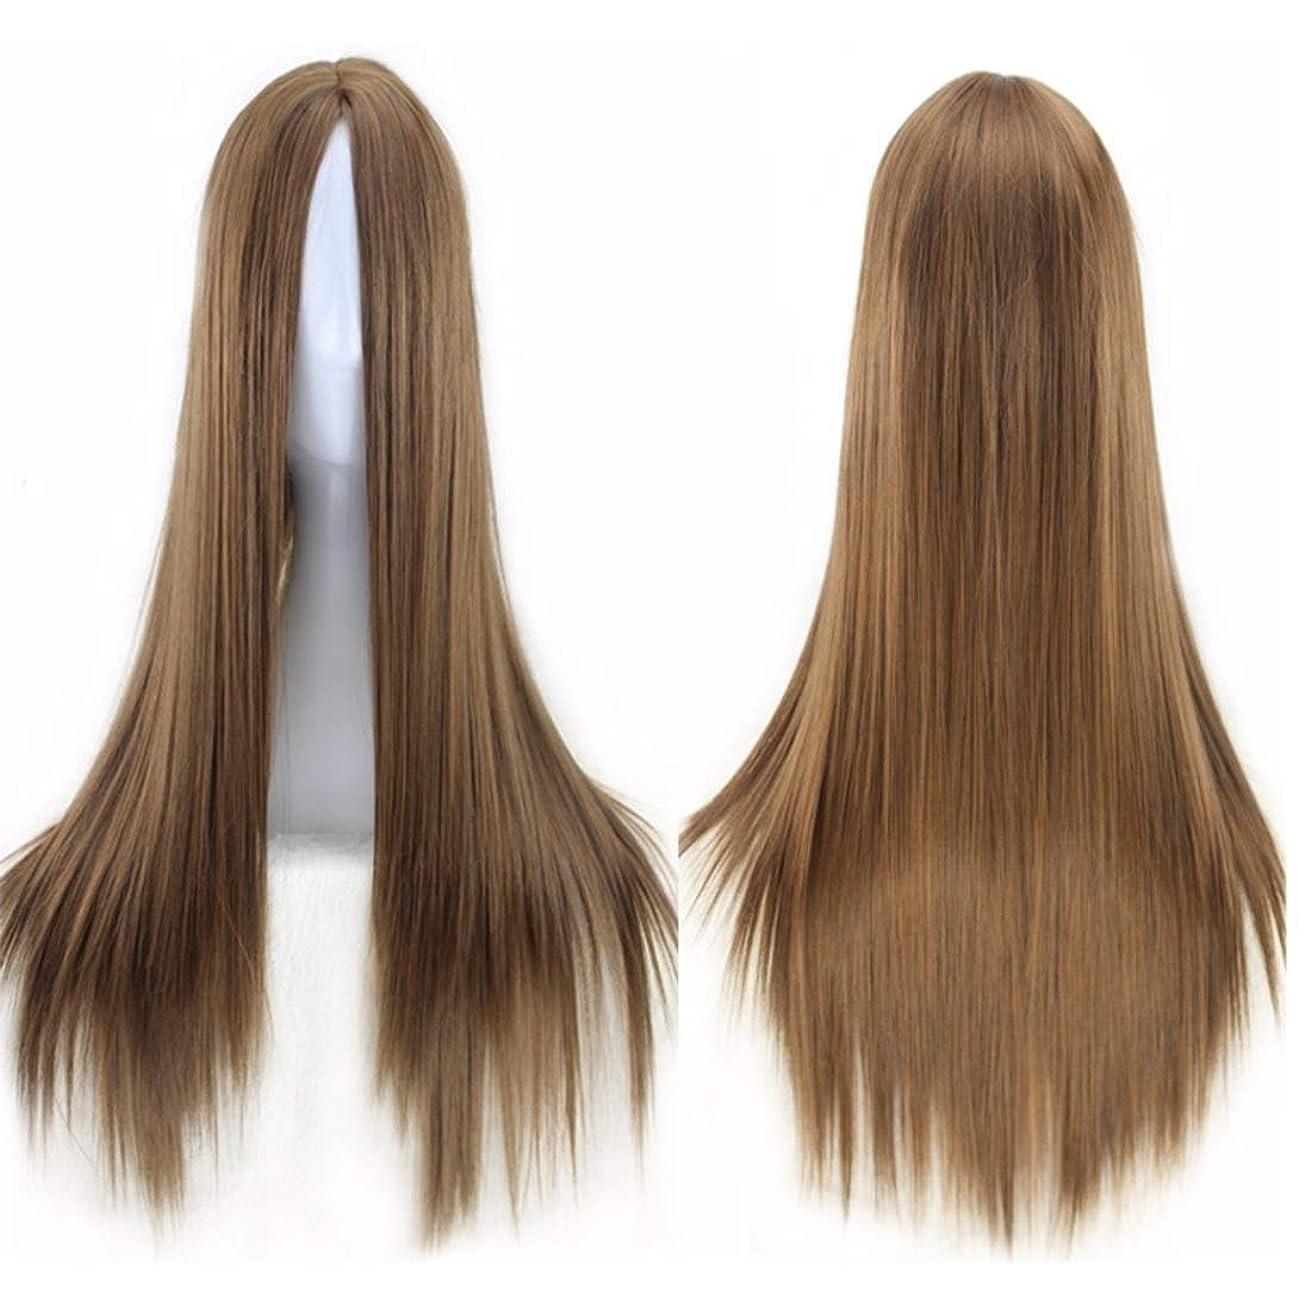 歌教室インフレーションKerwinner ミドルの前髪のかつら耐熱ウィッグ65 cmのロングストレートウィッグの人々のためのパーティーパフォーマンスカラーウィッグ(マルチカラー) (Color : Light brown)